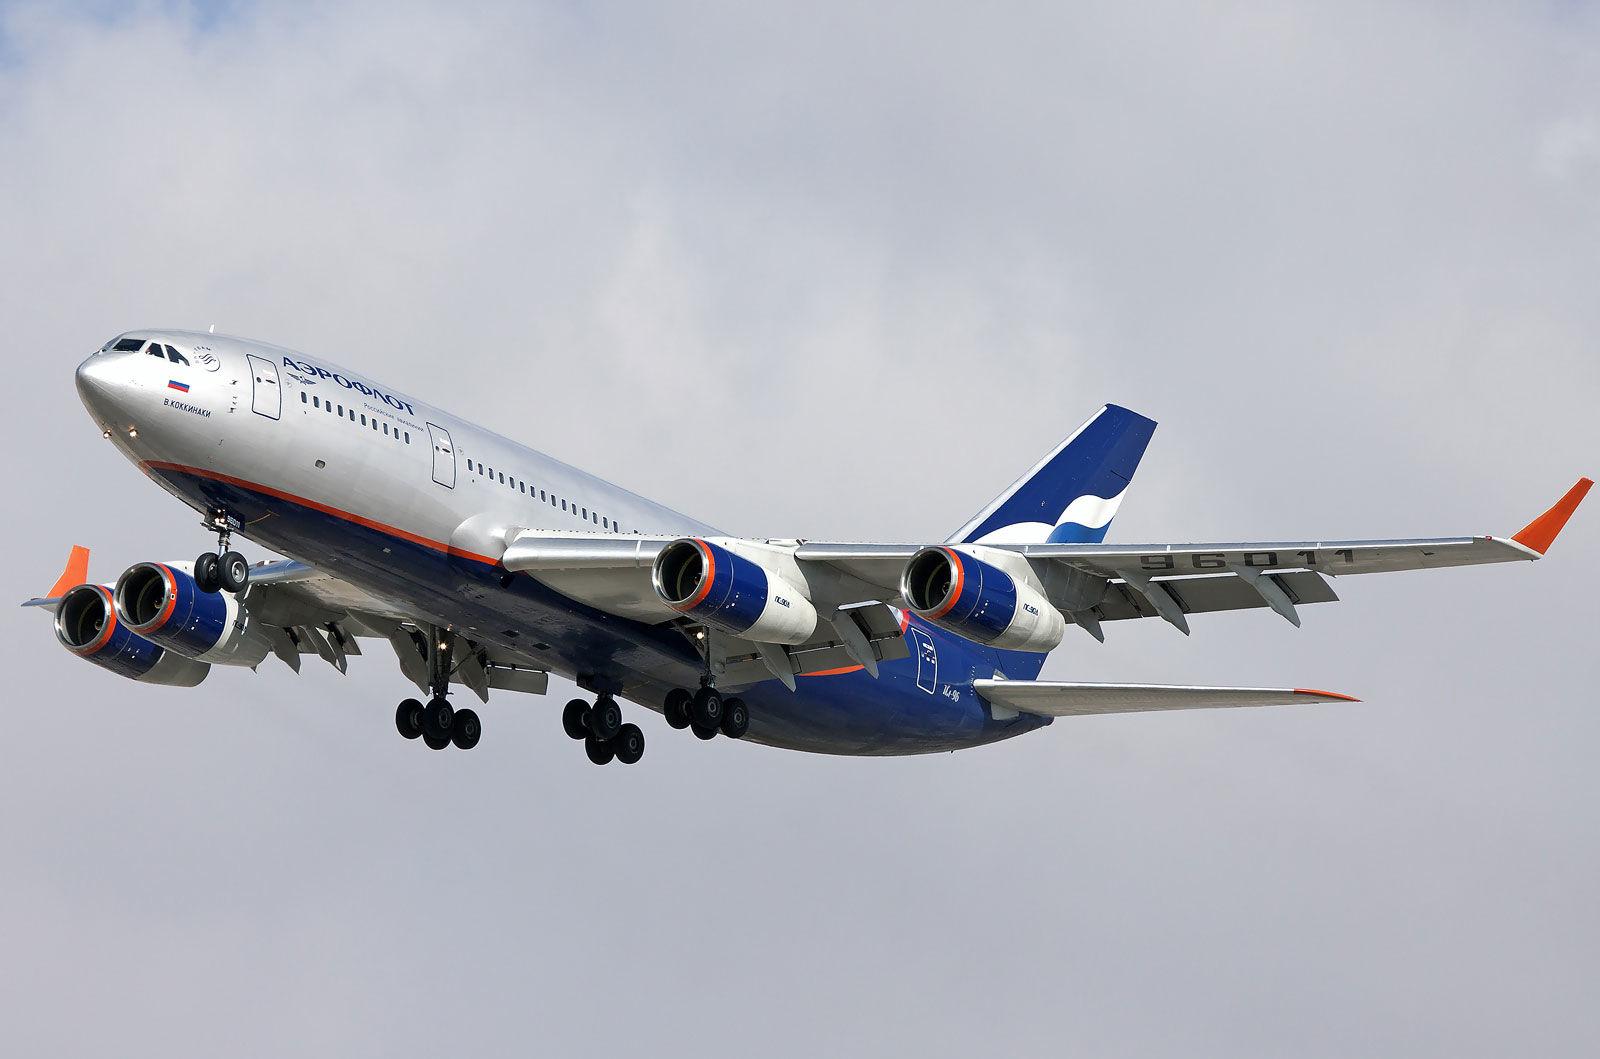 Российский Ил-96 вторгся в воздушное пространство Эстонии - реакция Таллина